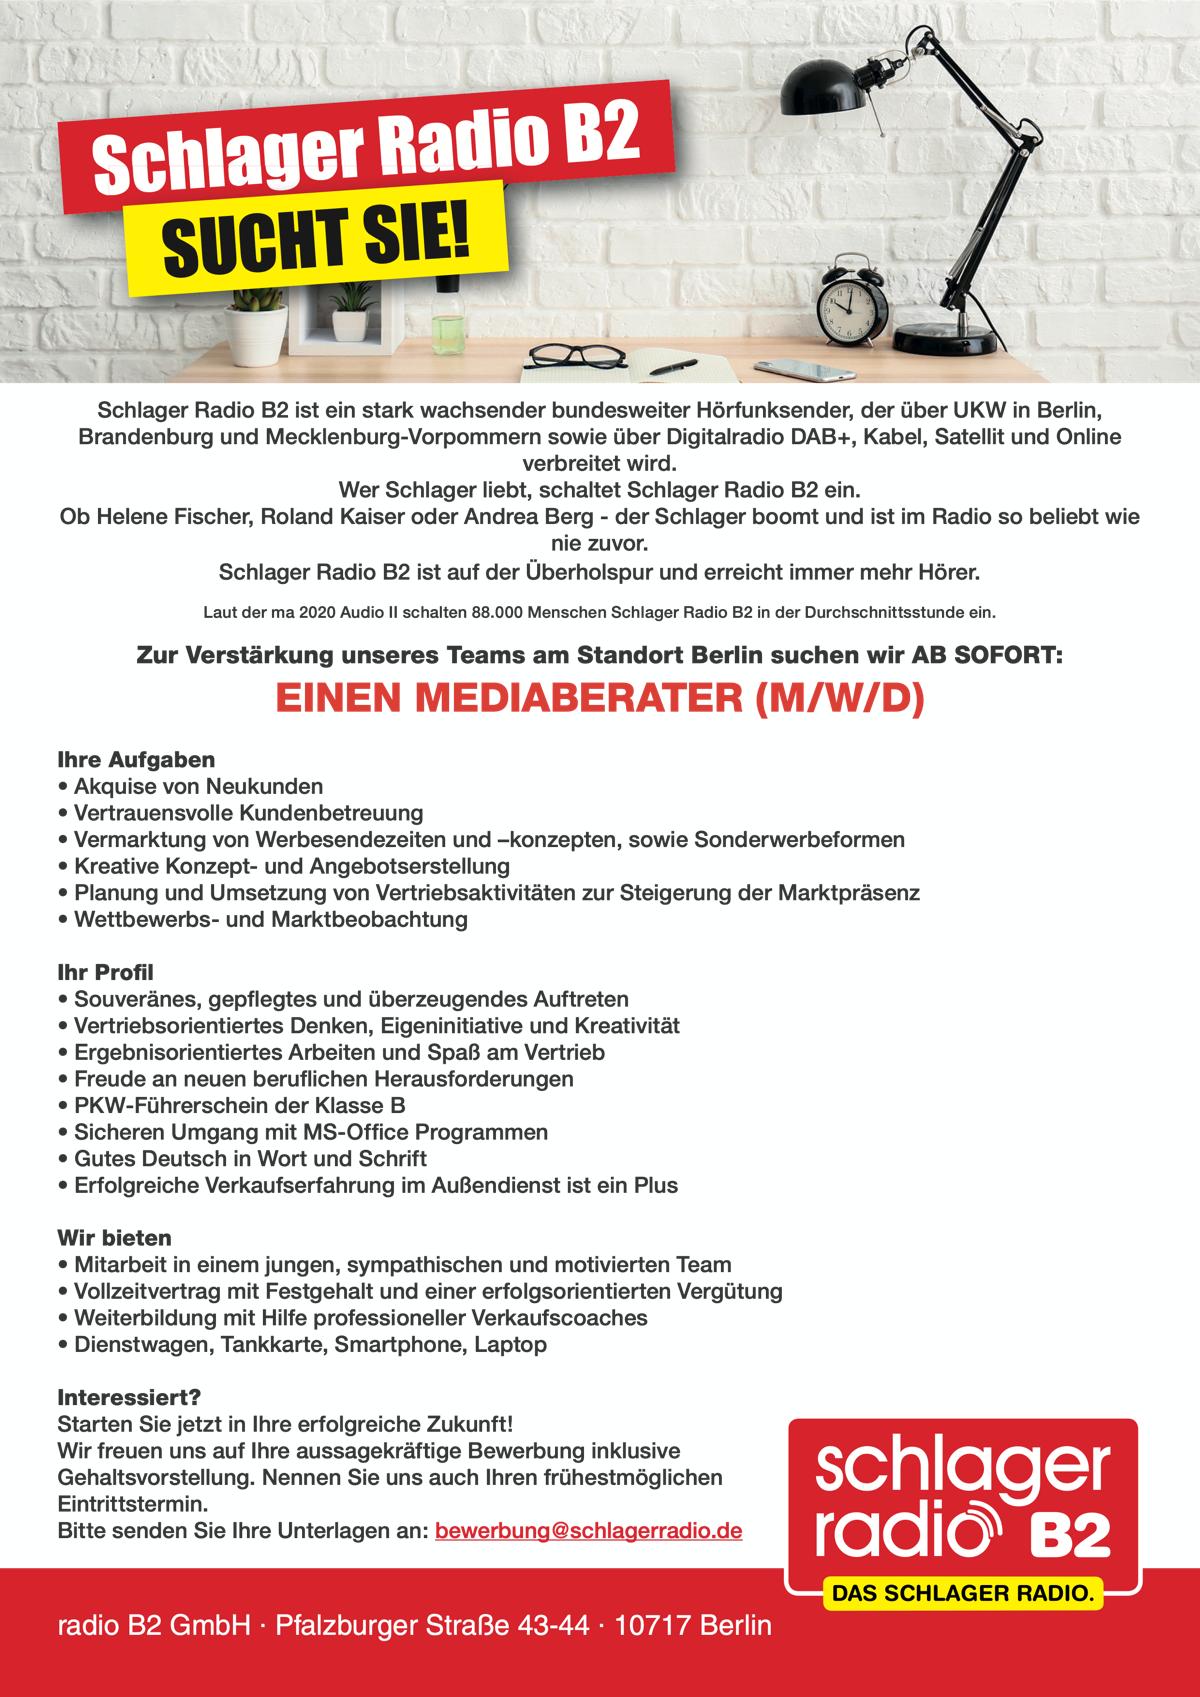 Schlager Radio B2 sucht Mediaberater (m/w/d)